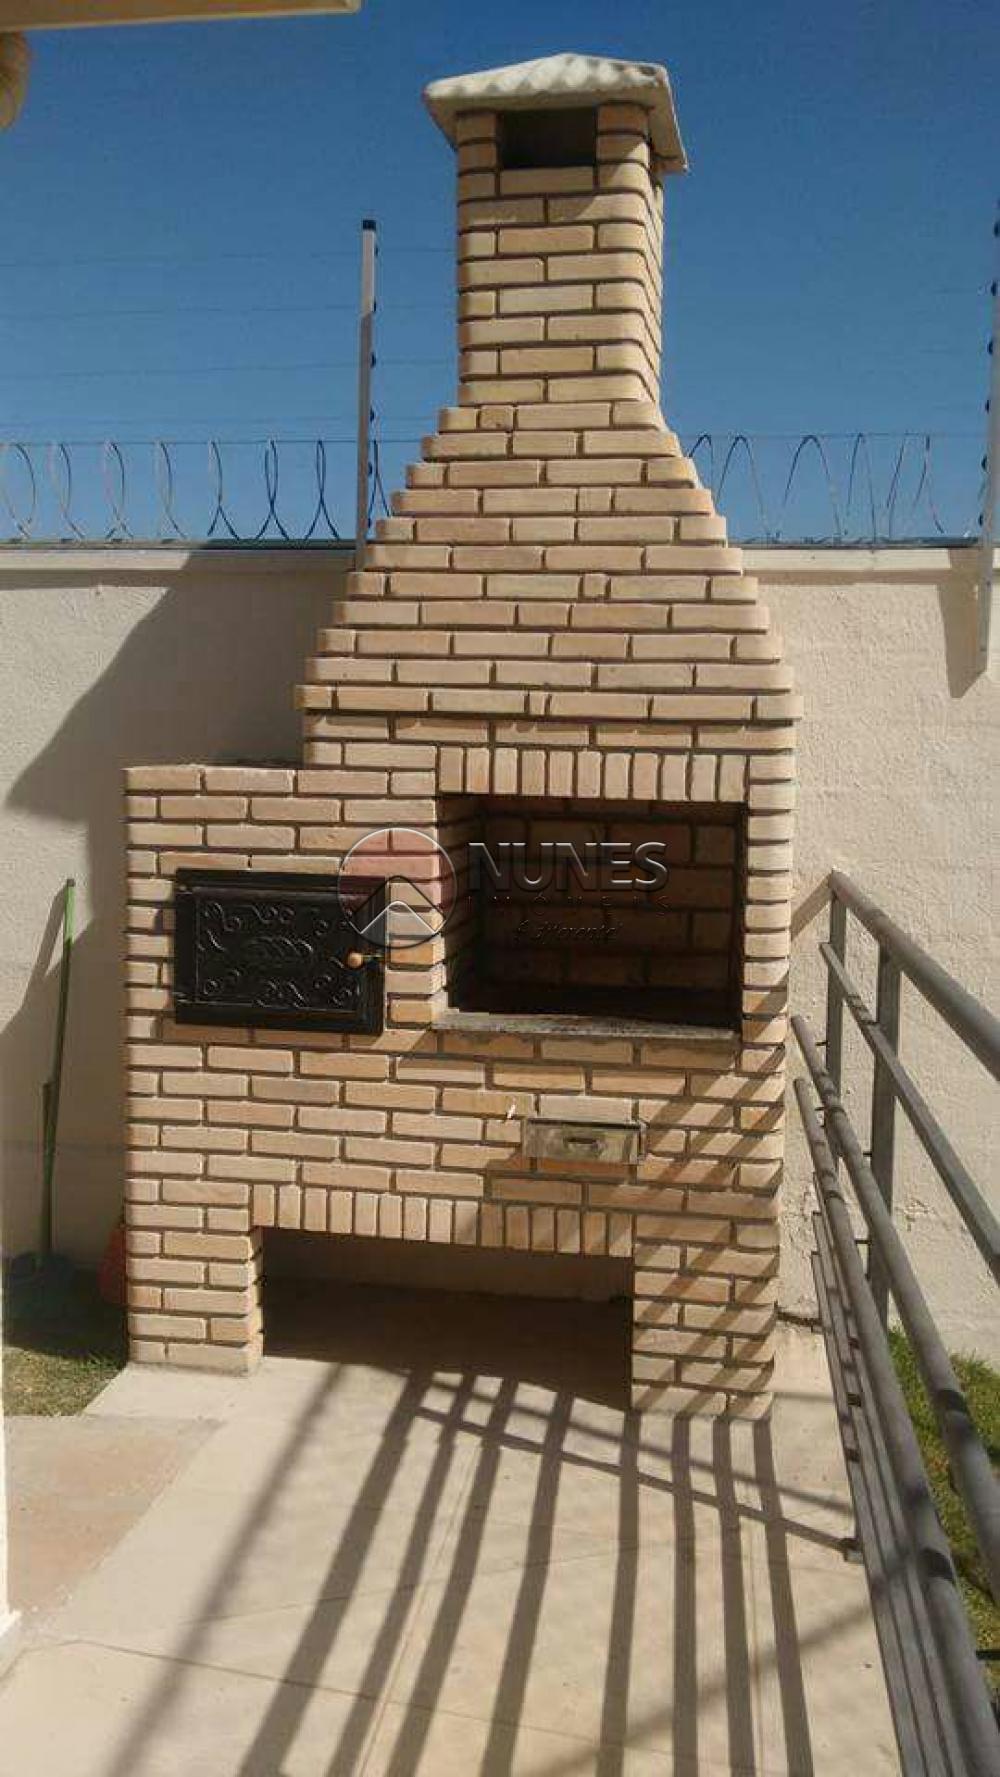 Comprar Apartamento / Padrão em Carapicuíba apenas R$ 180.000,00 - Foto 11